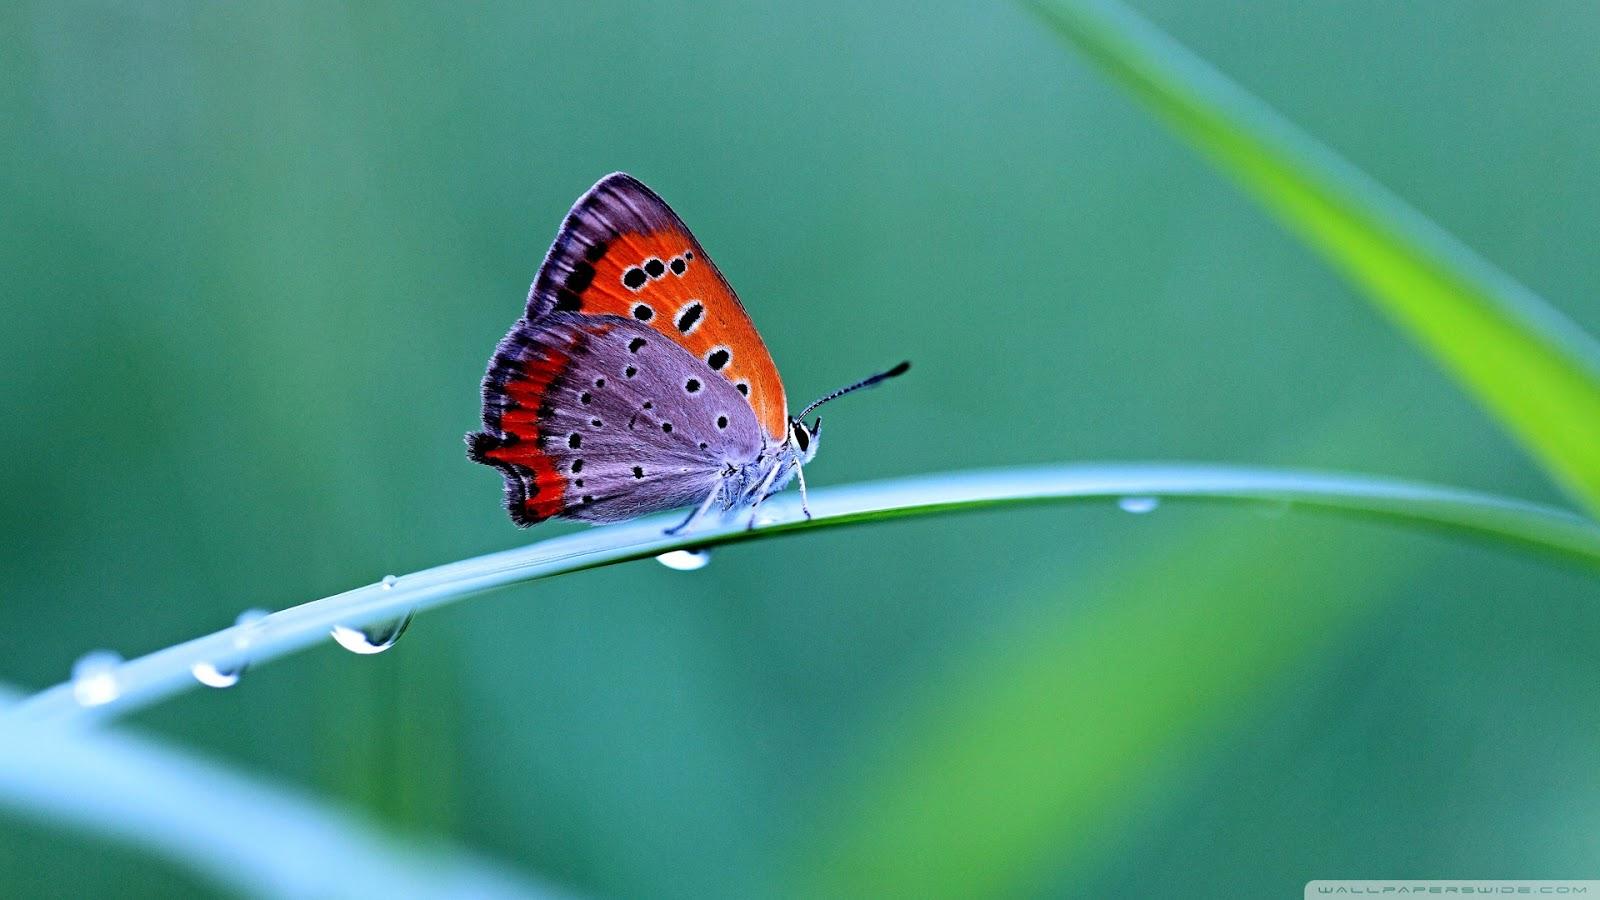 Butterfly Hd Wallpaper Beautiful Butterfly Wallpaper Best